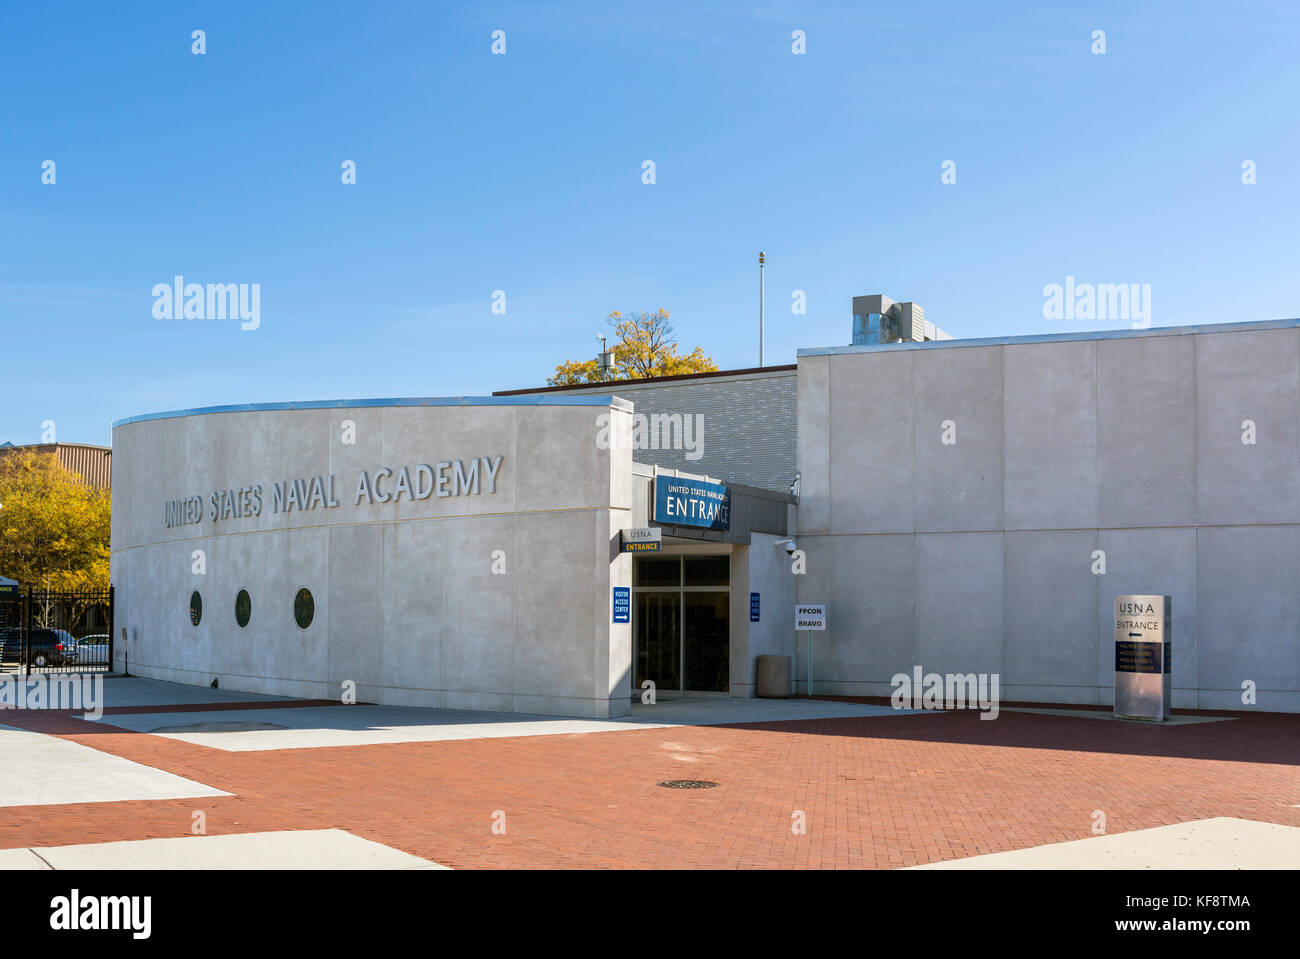 Ingresso all'Accademia Navale degli Stati Uniti, Annapolis, Maryland, Stati Uniti d'America Immagini Stock